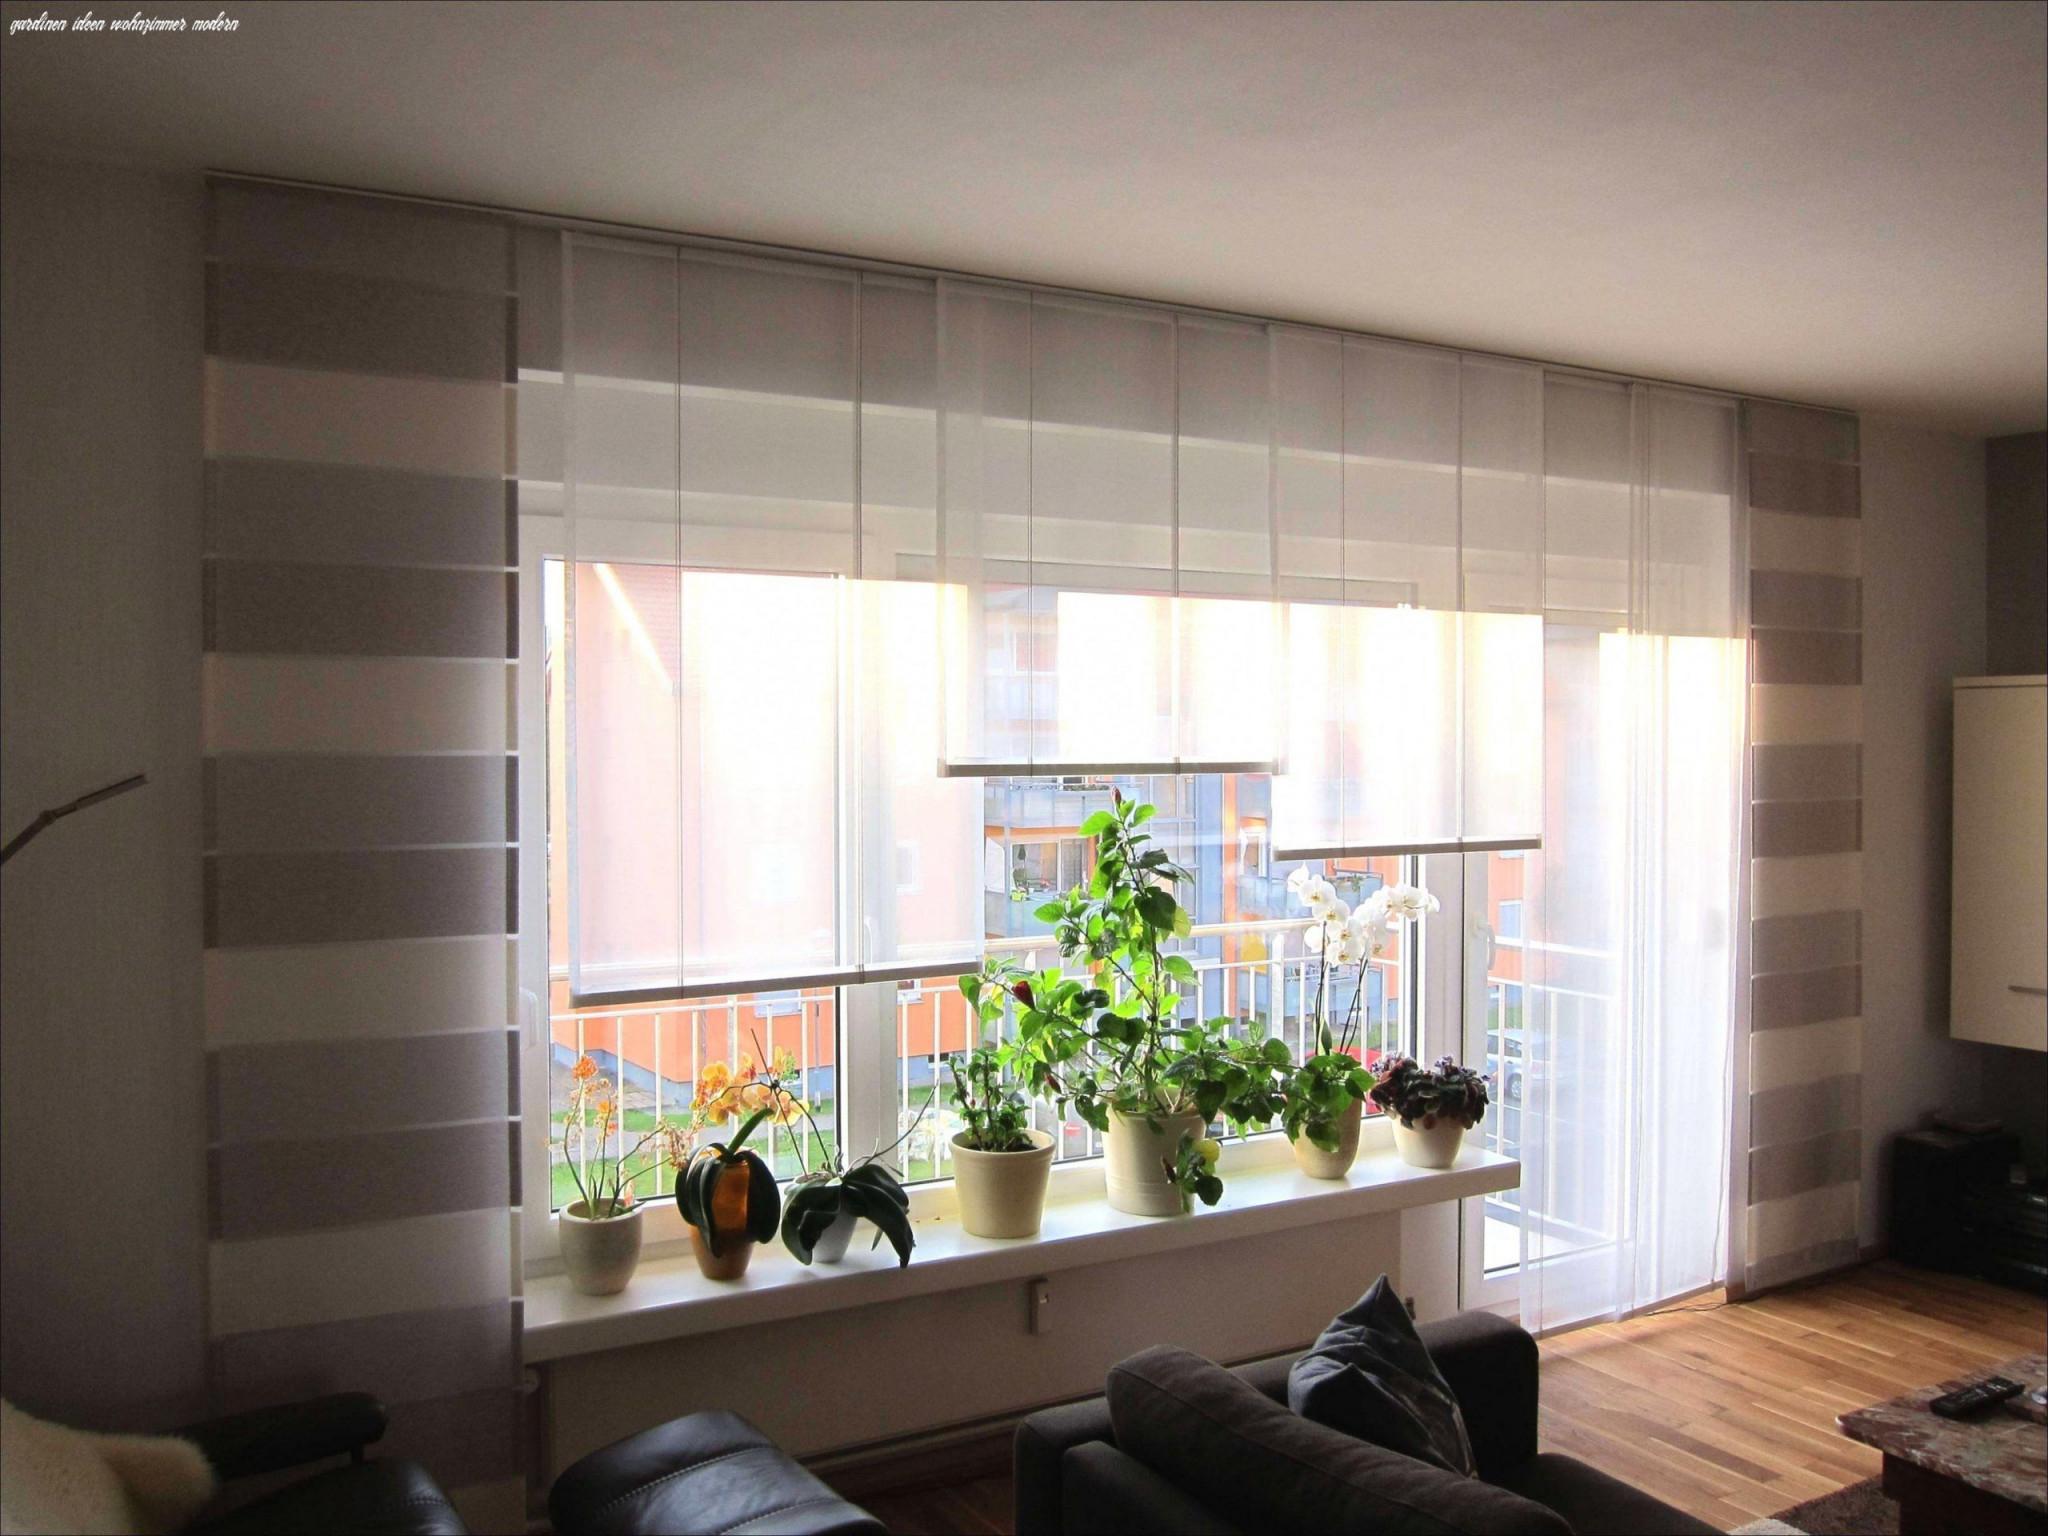 Branchenkenner Sagen Folgendes Über Gardinen Ideen von Übergardinen Wohnzimmer Ideen Bild